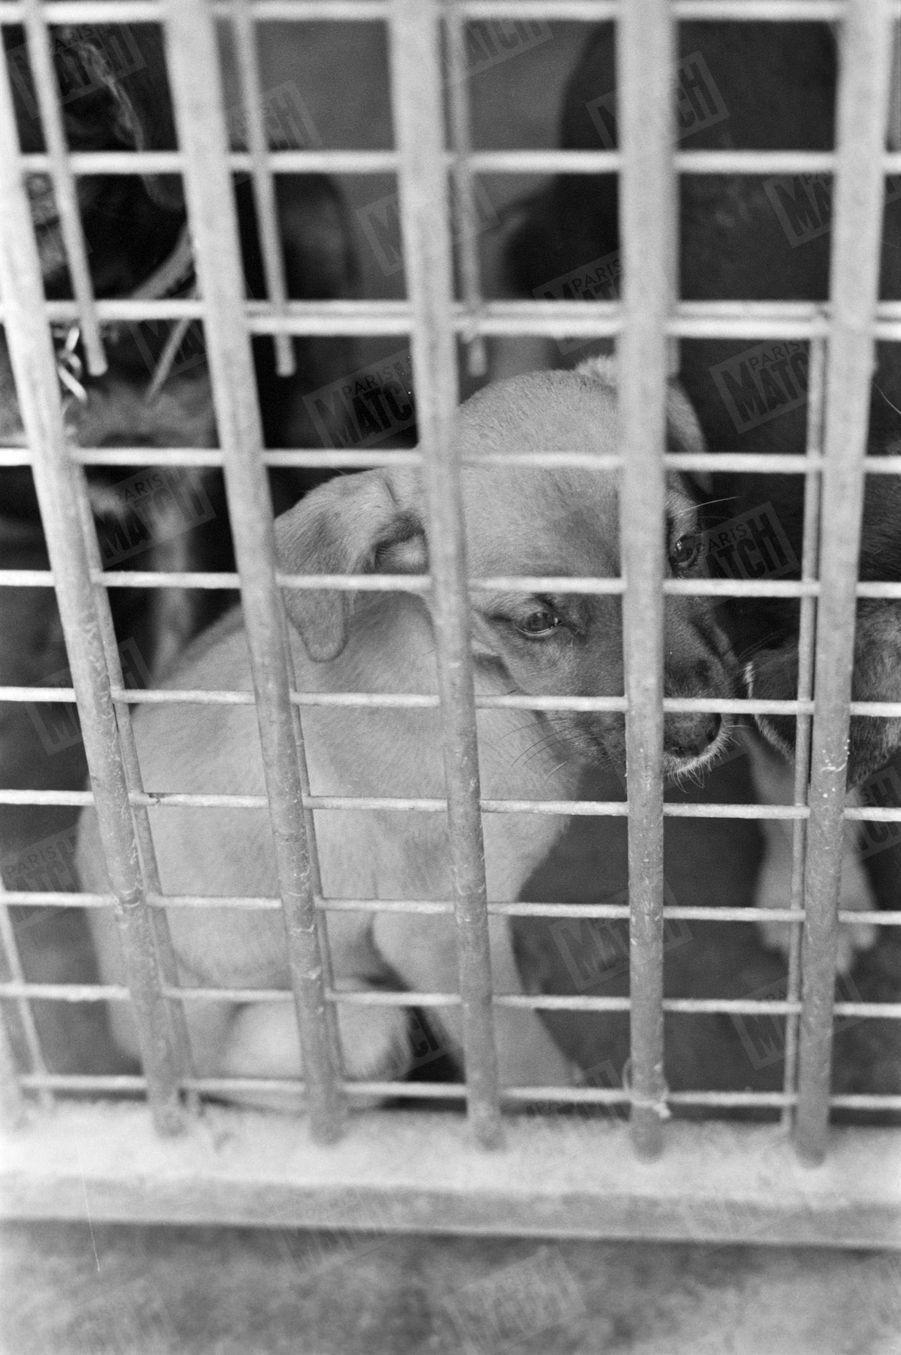 Un chiot à adopter, au refuge SPA Grammont de Gennevilliers.